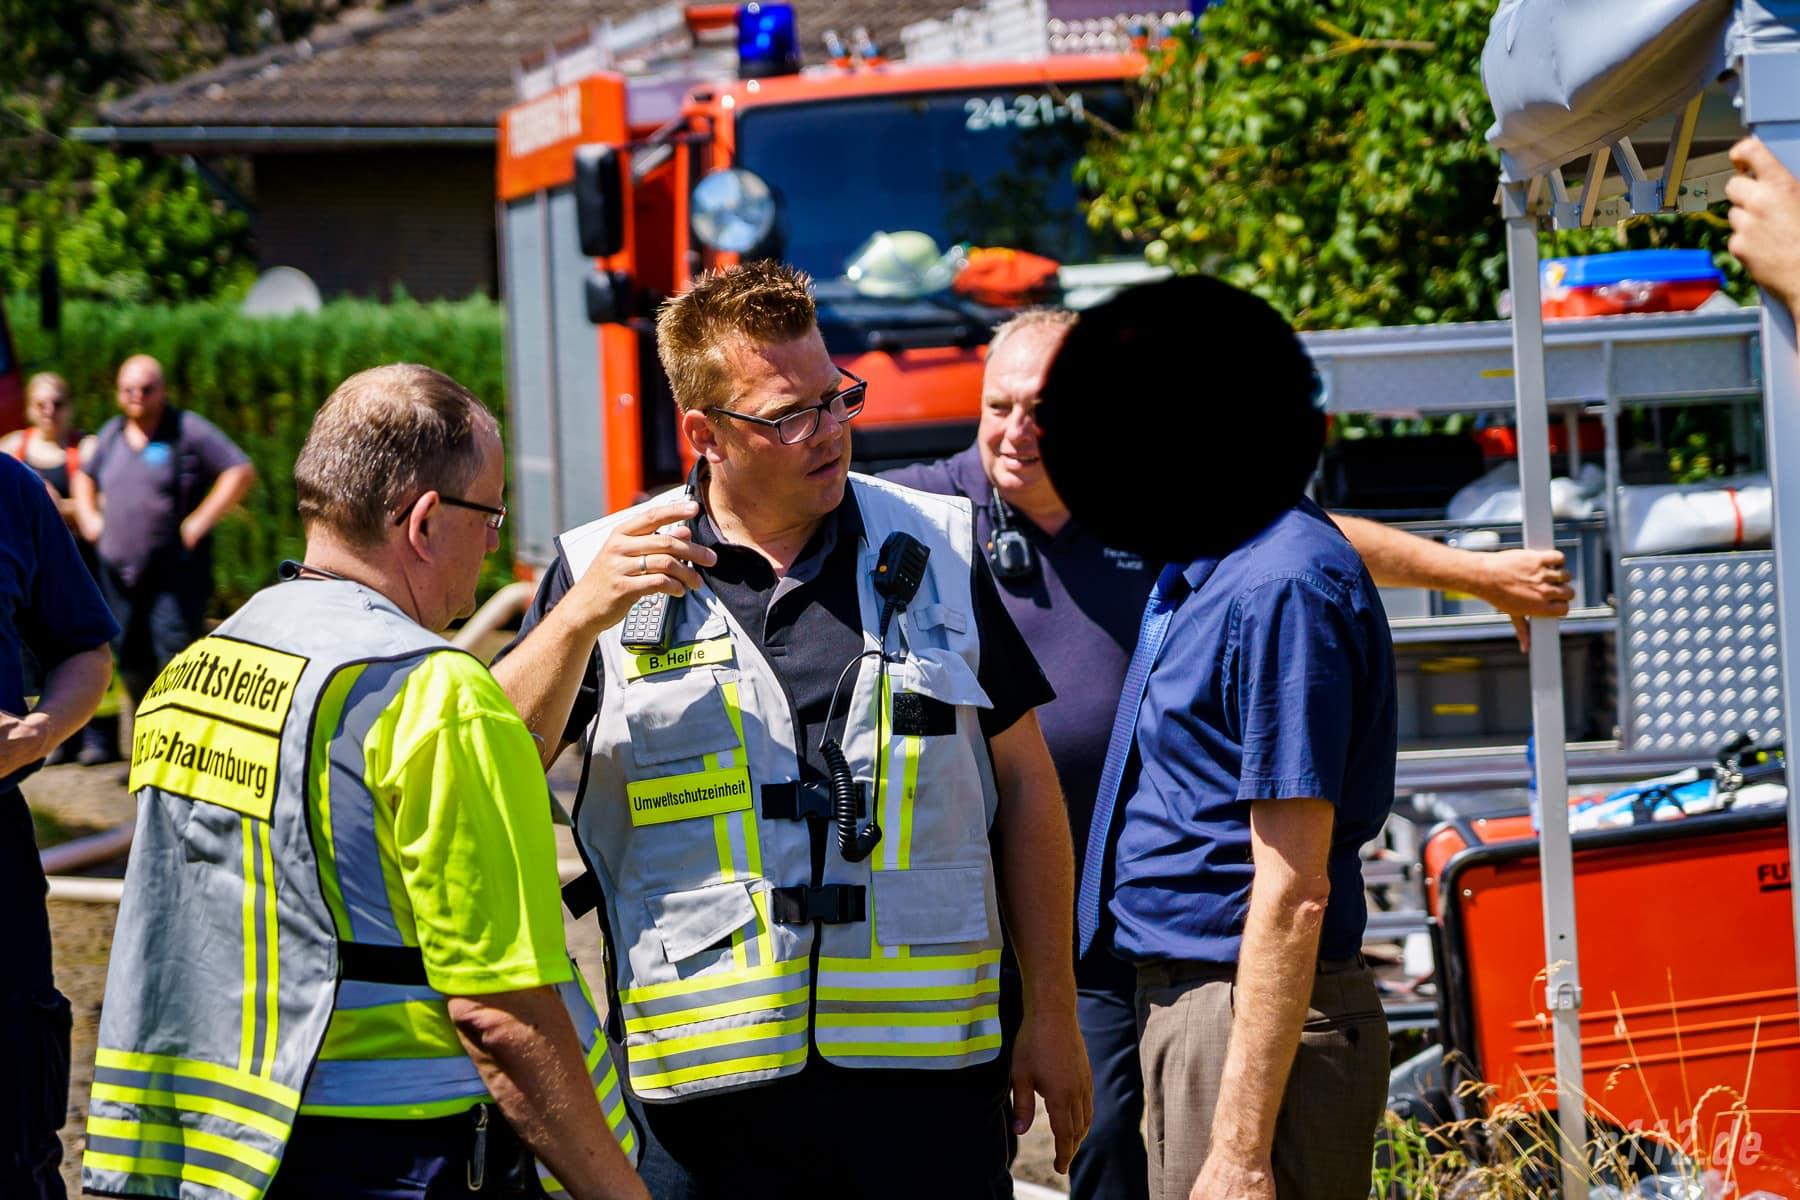 Einsatzleiter Benjamin Heine bespricht das weitere Vorgehen mit der Polizei (Foto: n112.de/Stefan Simonsen)